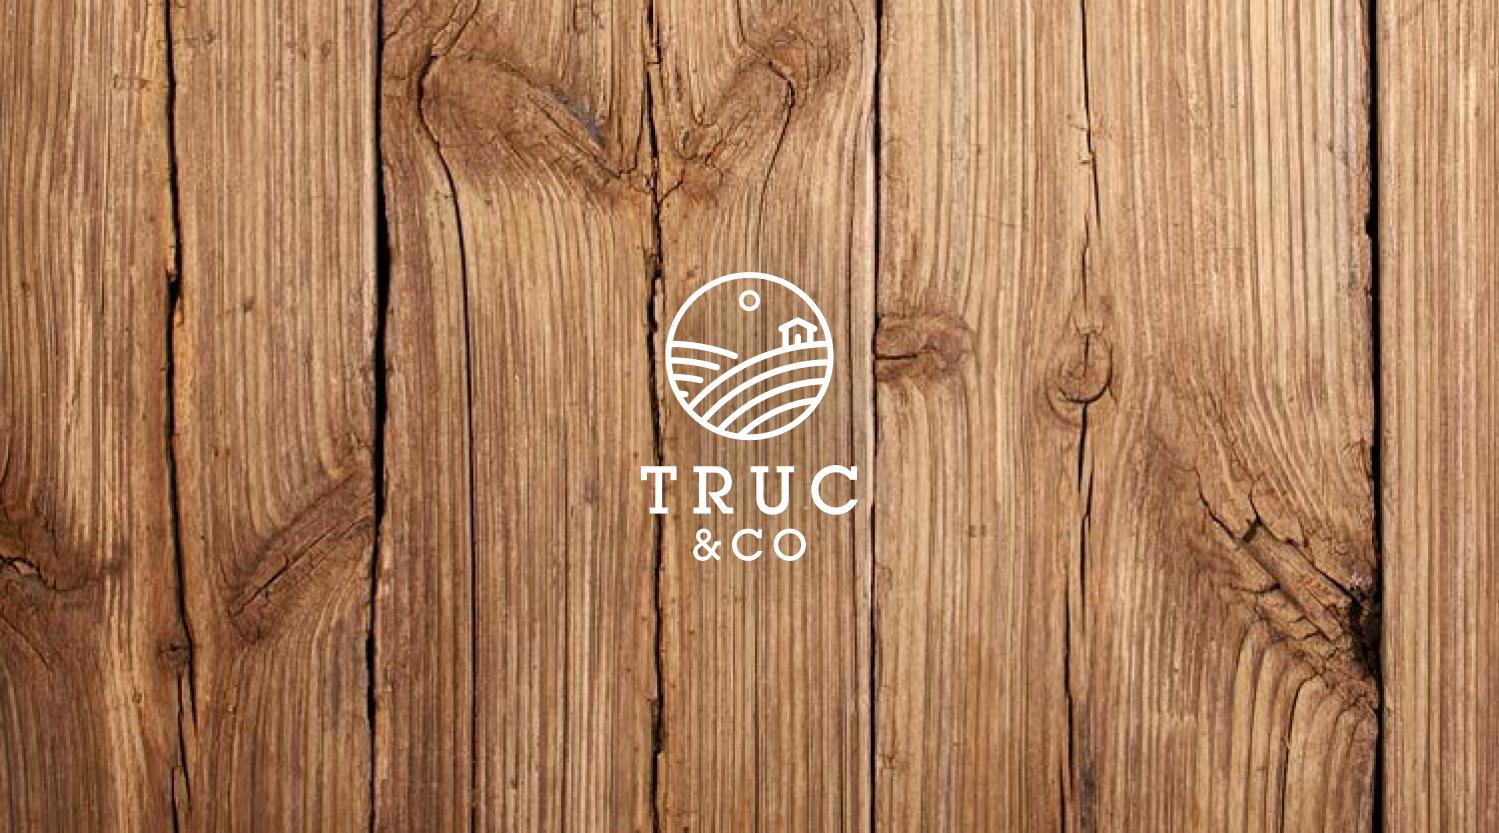 Truc & Co